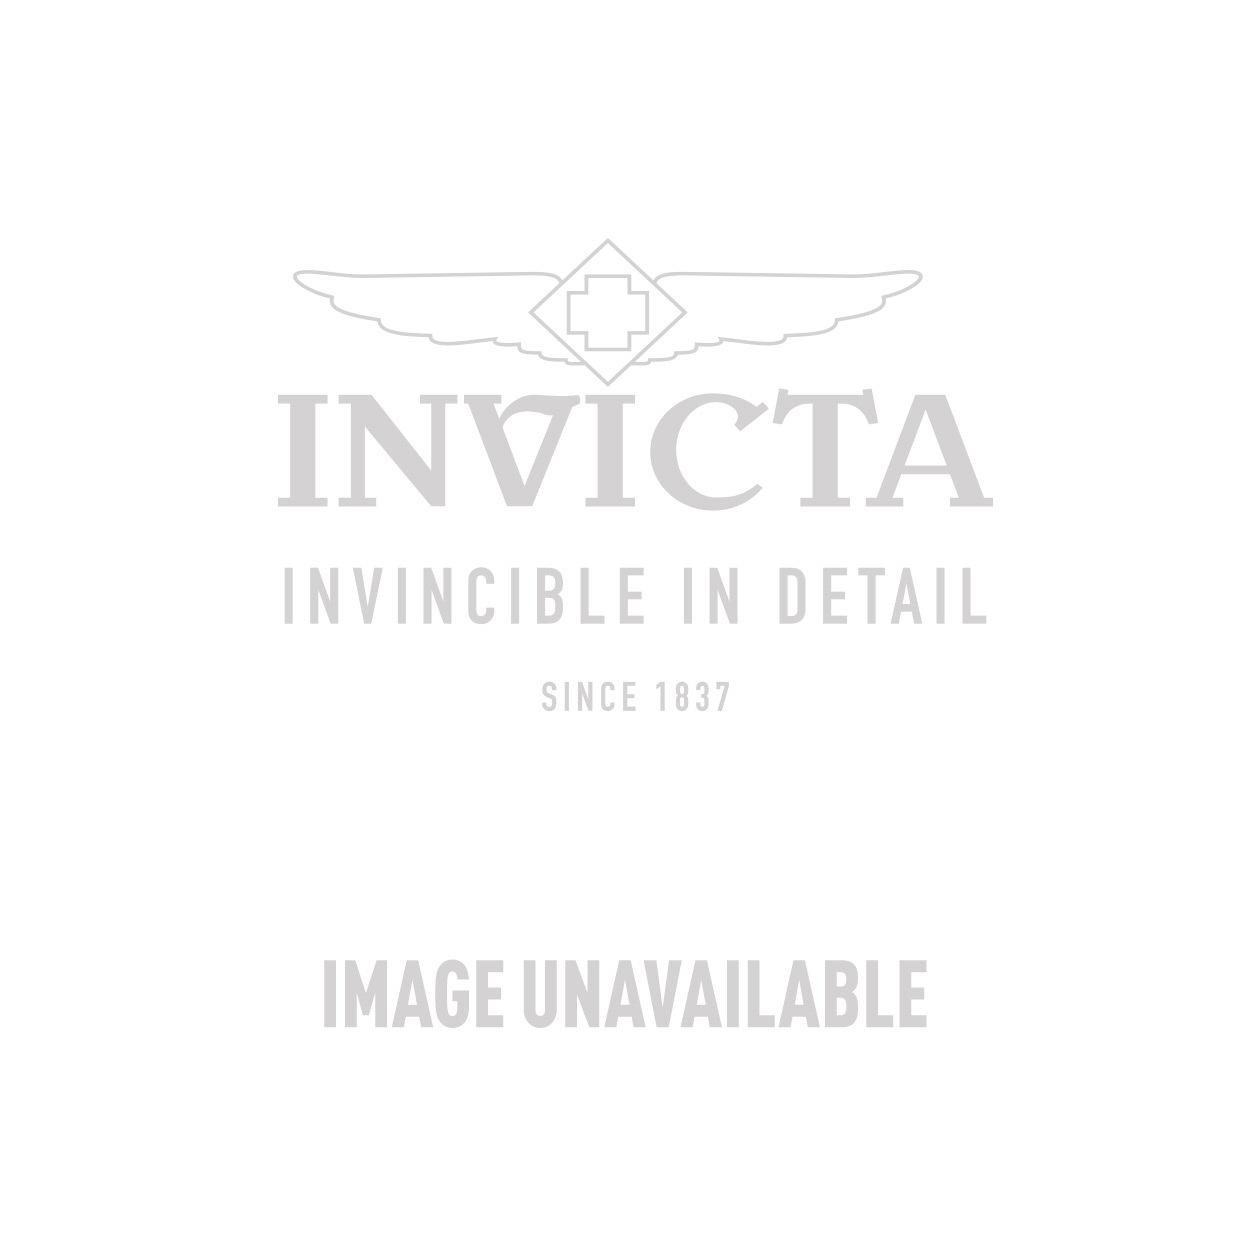 Invicta Model 27461